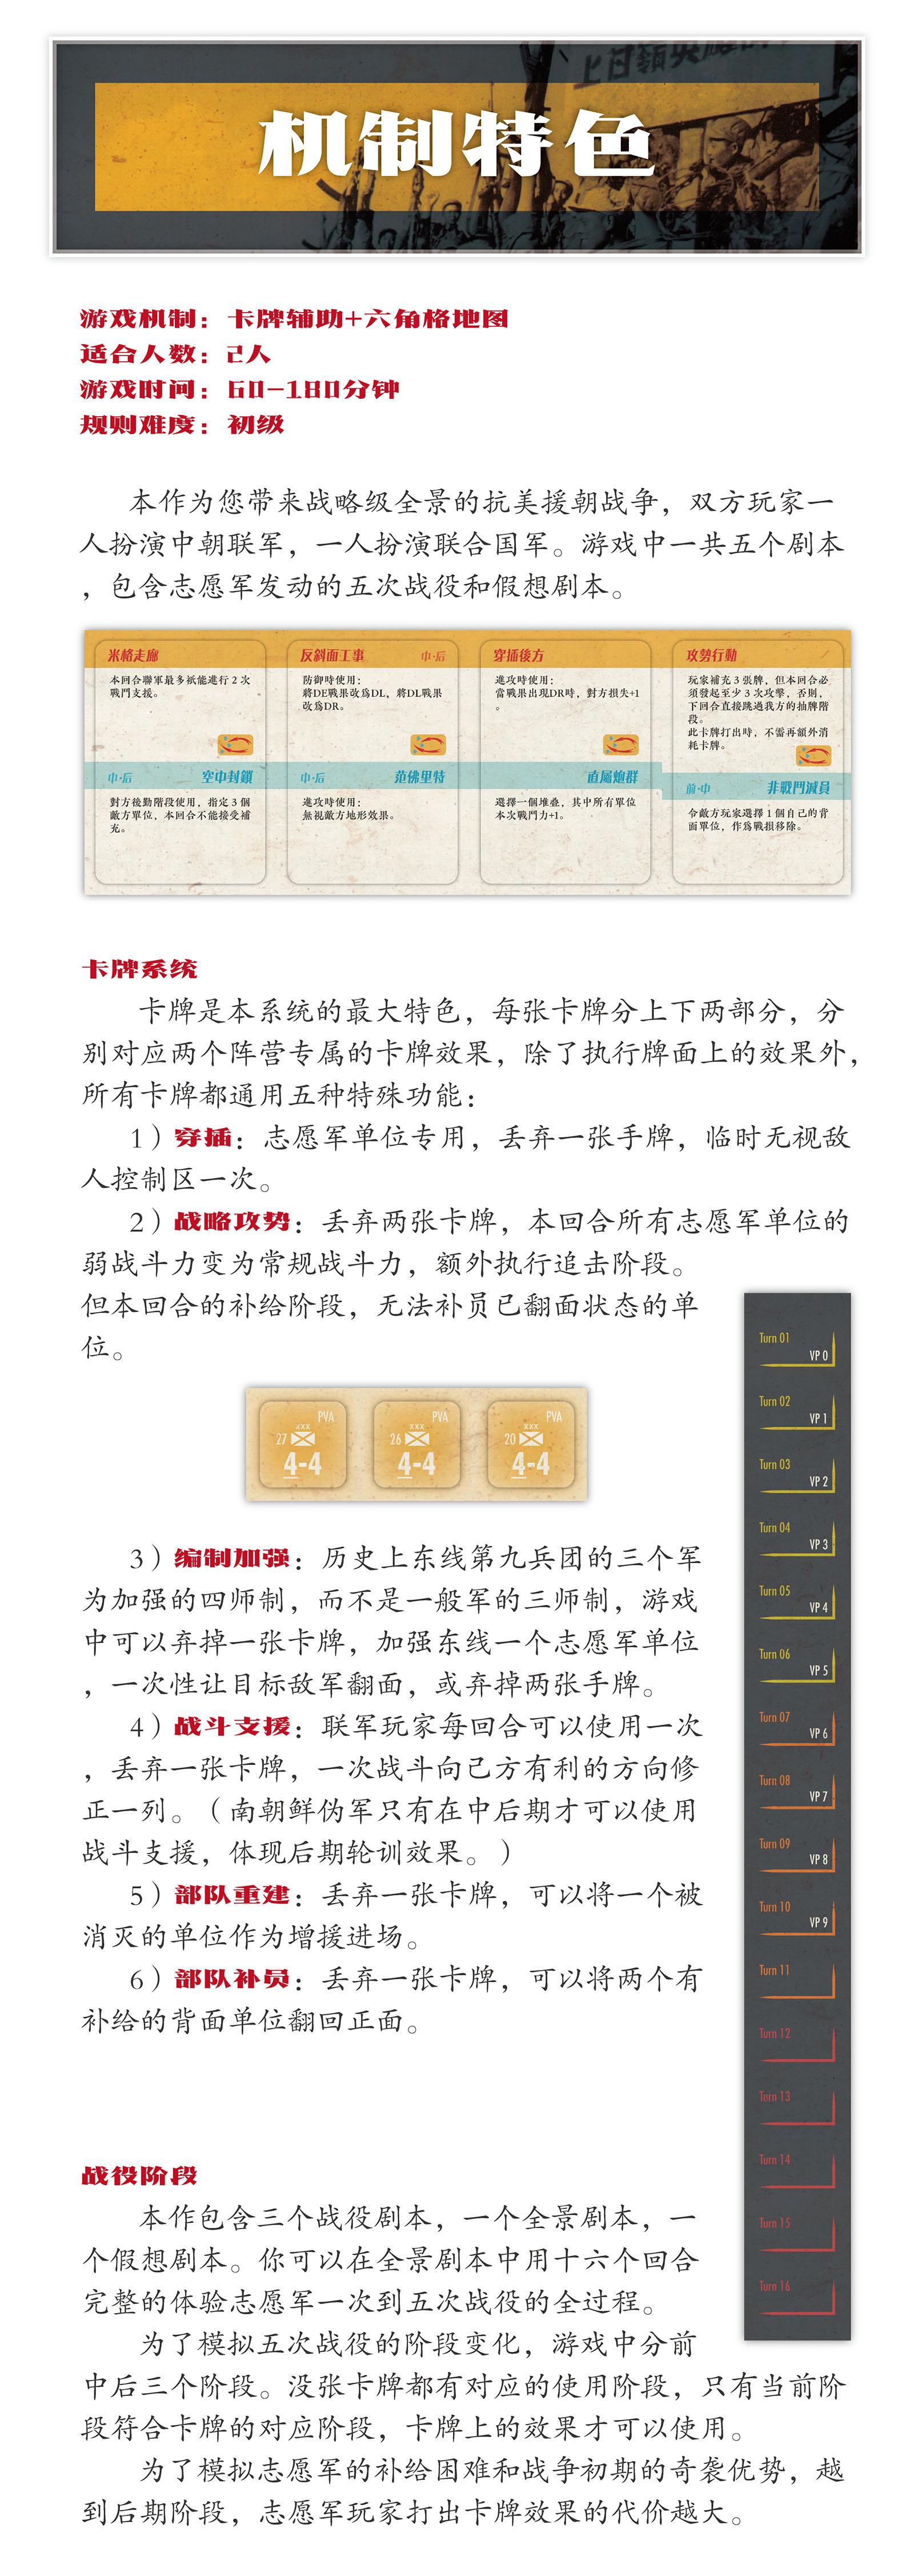 众筹宣传3.jpg